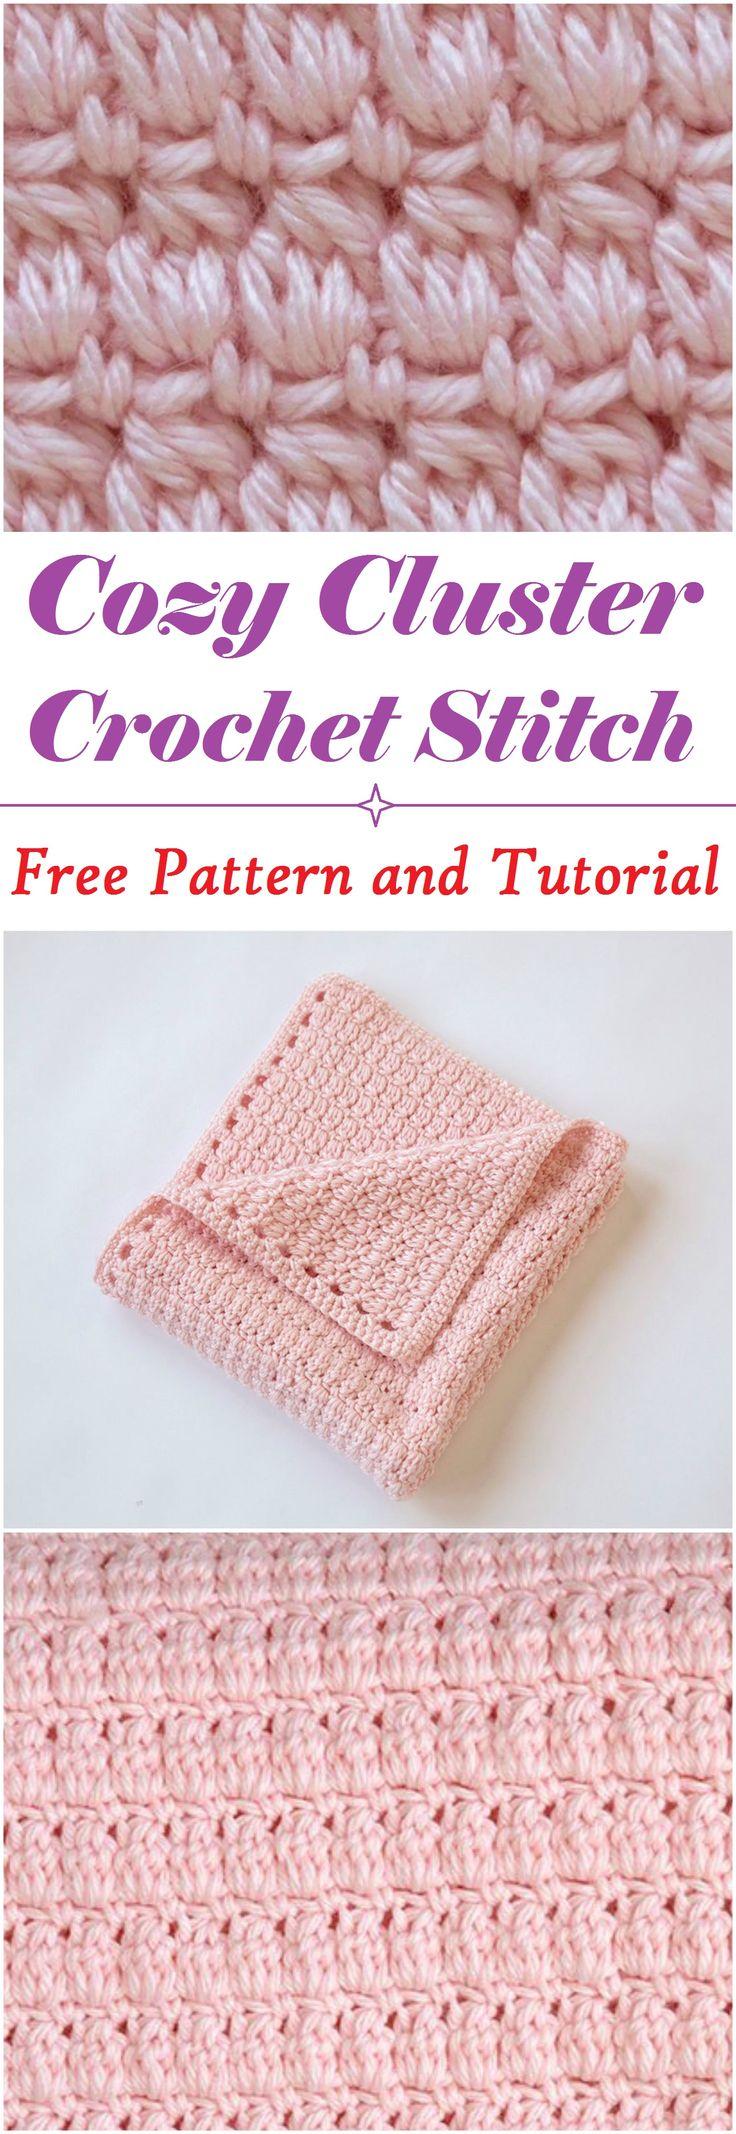 Punto di chiusura a crochet semplice